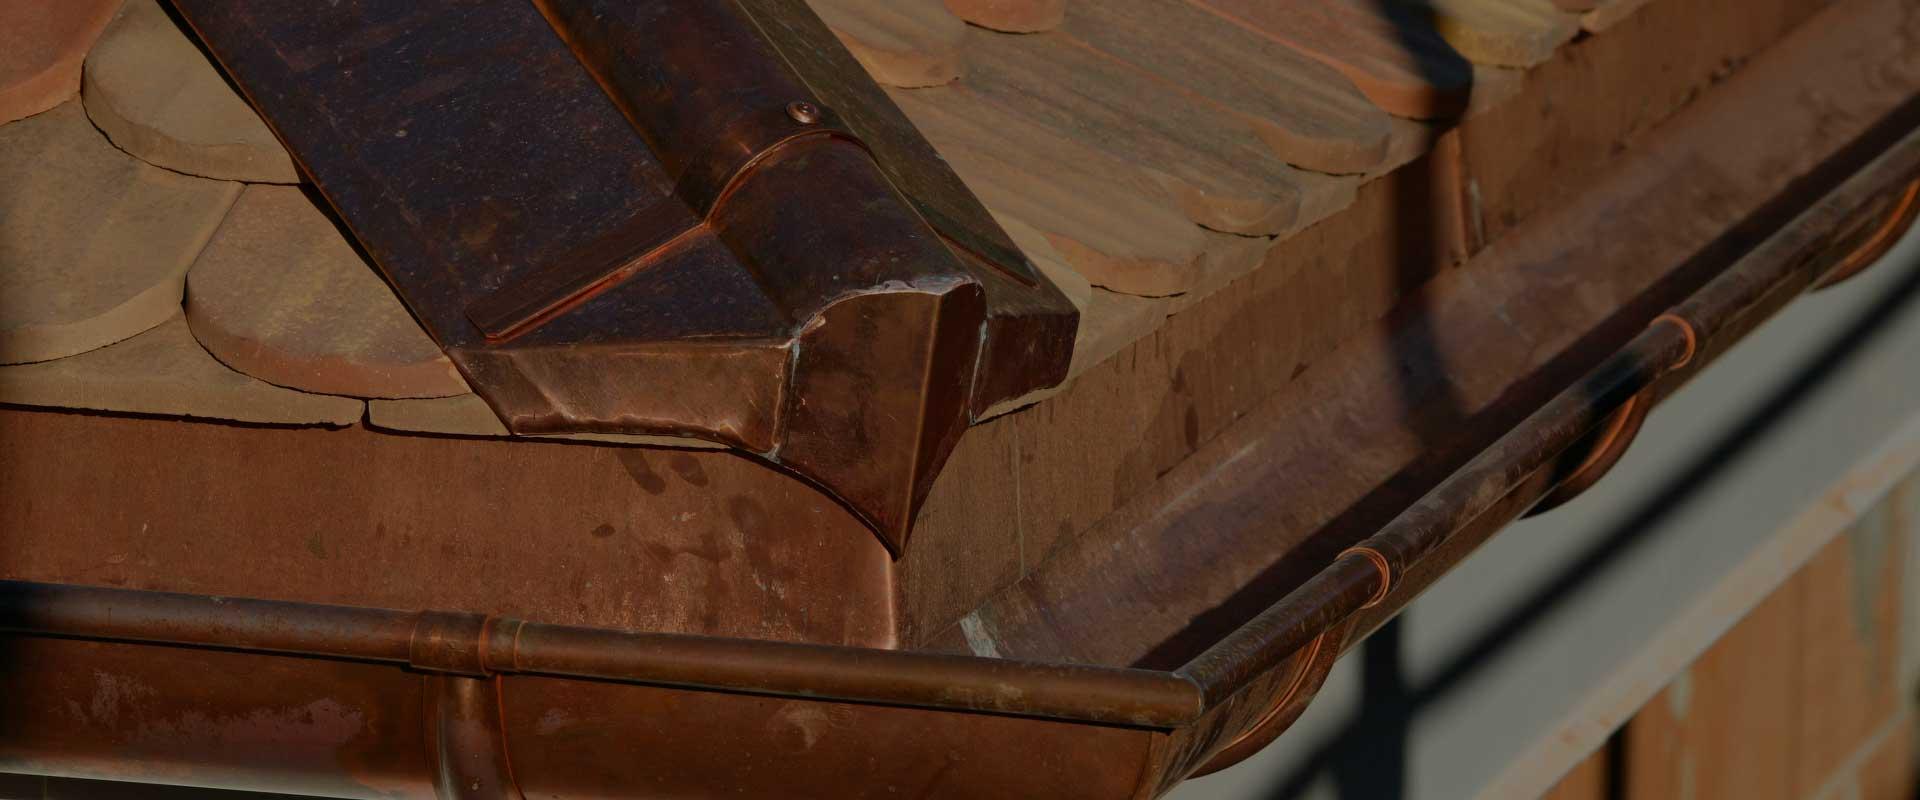 Macullo toiture<br />vu de près&#8230;